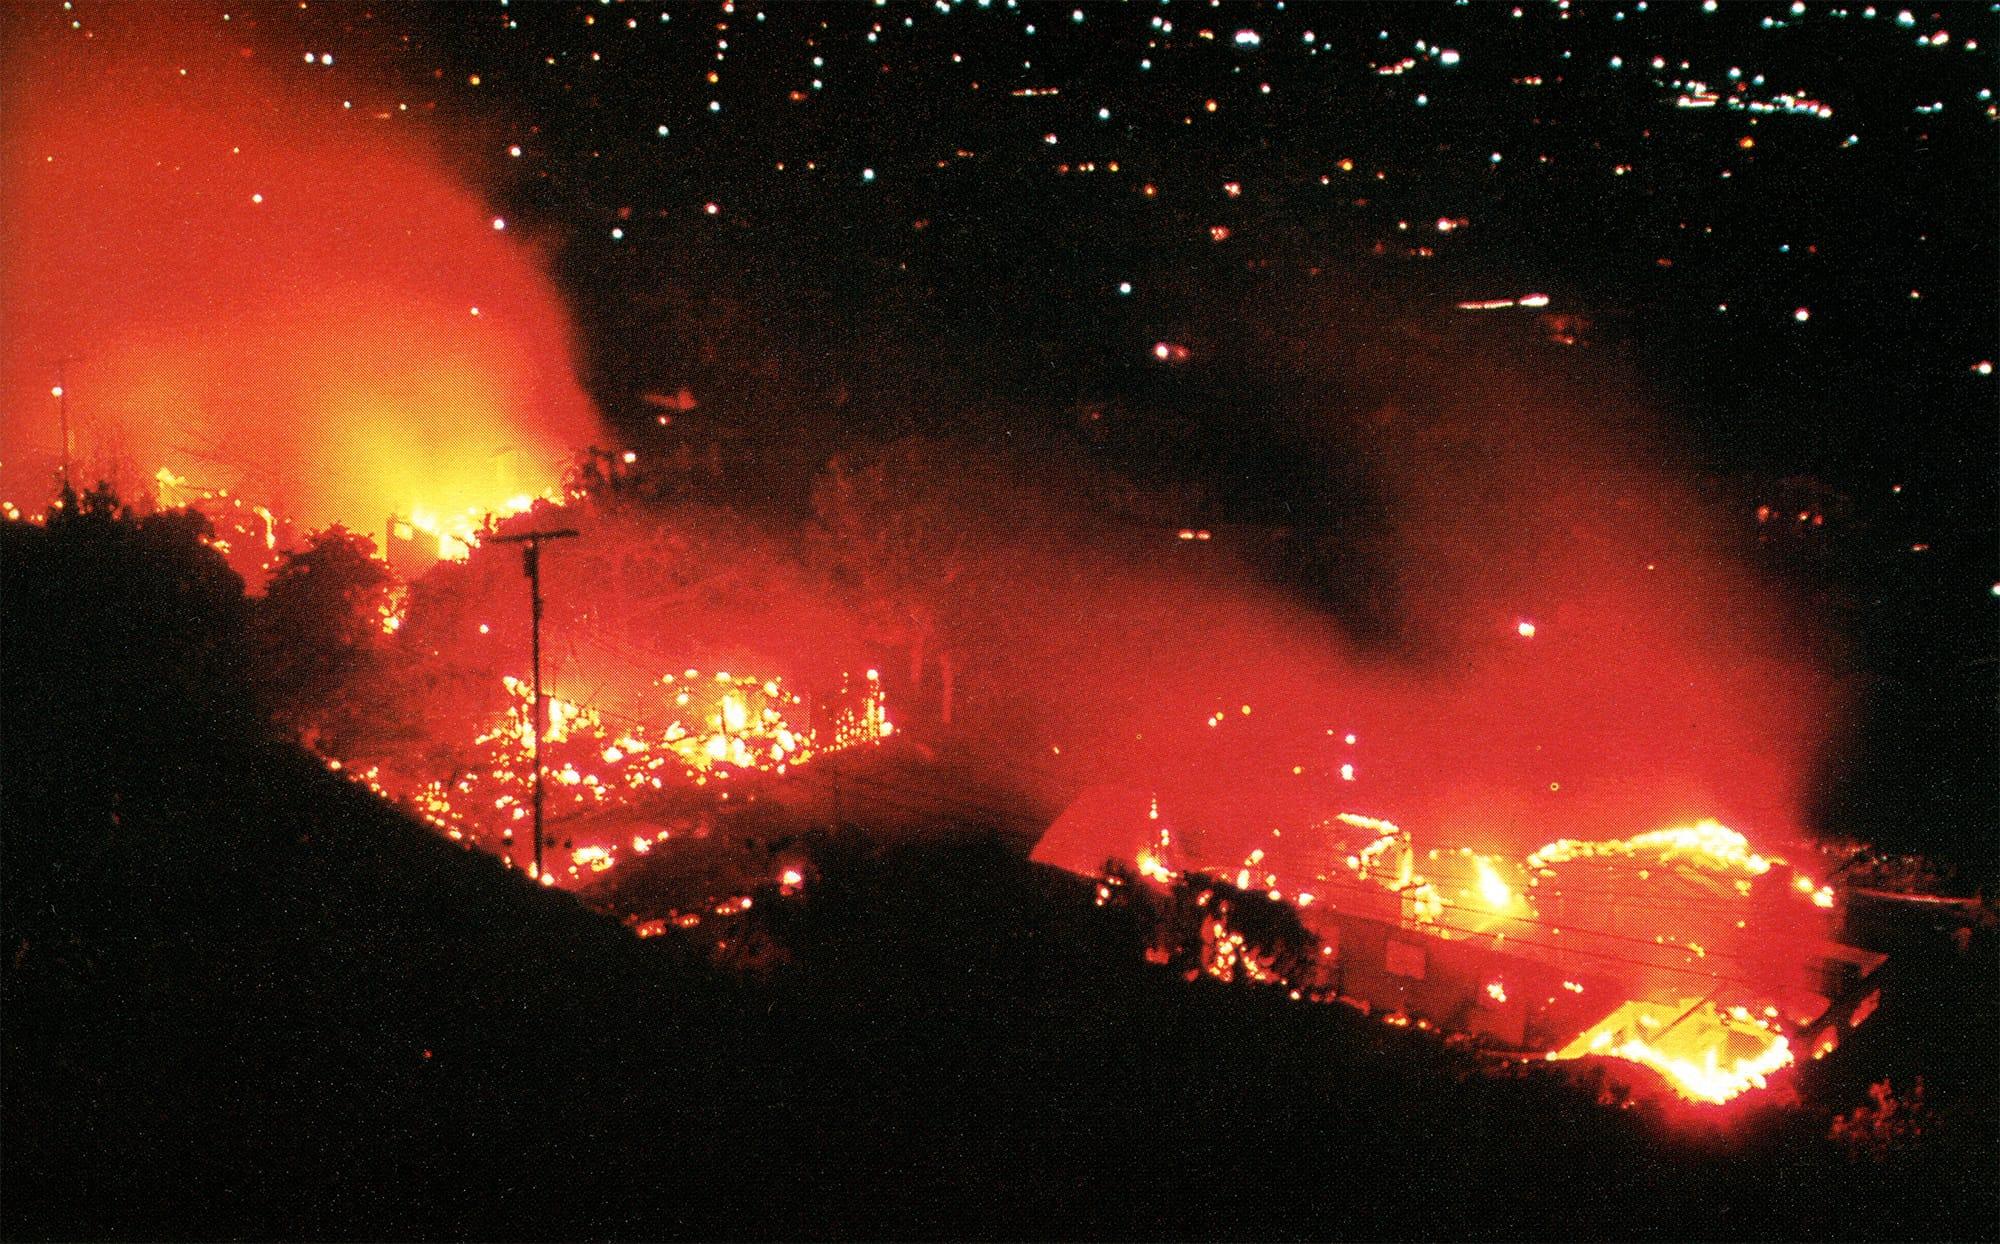 Sycamore Fire, 1977